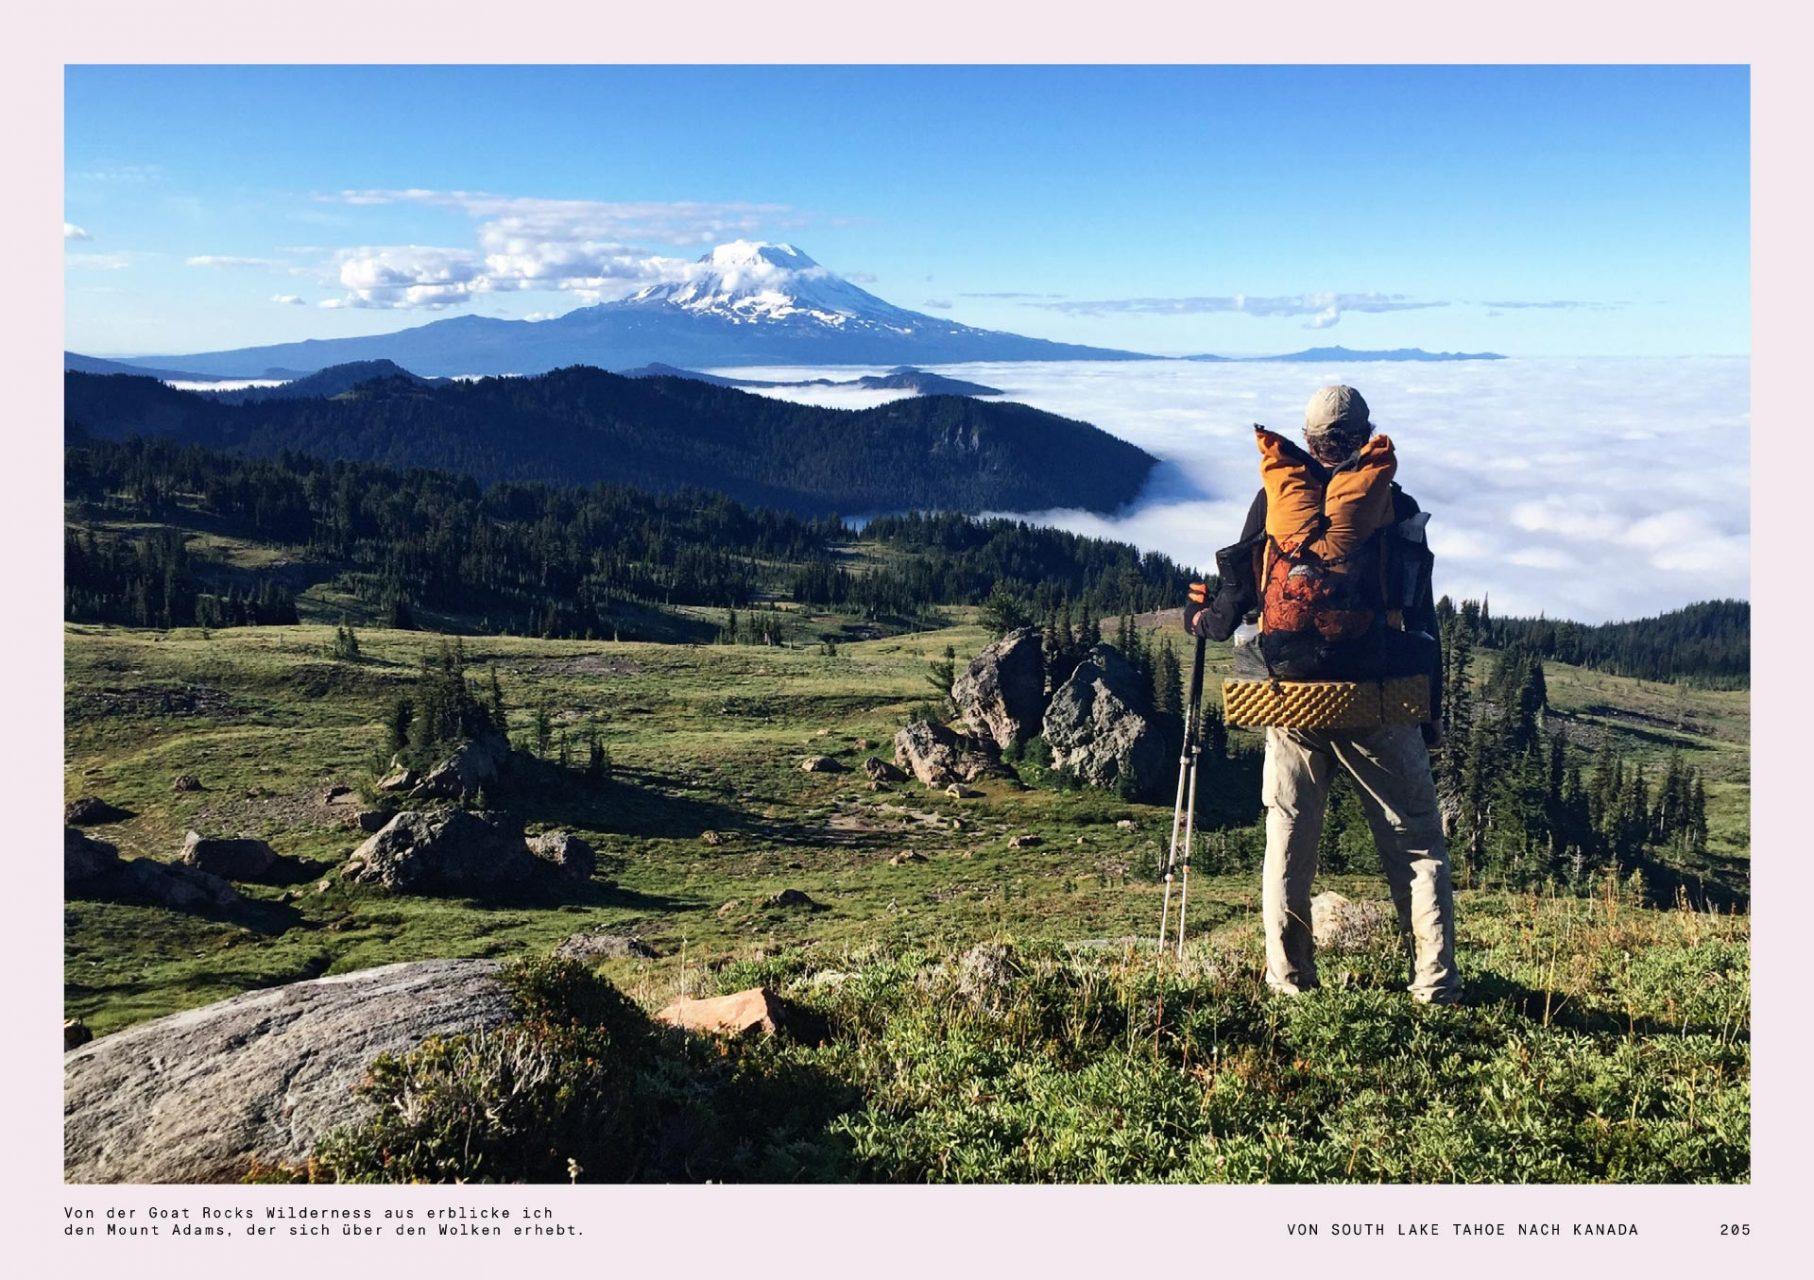 """Mount Adams am PCT, Doppelseite aus dem Buch """"Allein"""", erschienen im Gestalten Verlag, @gestalten"""